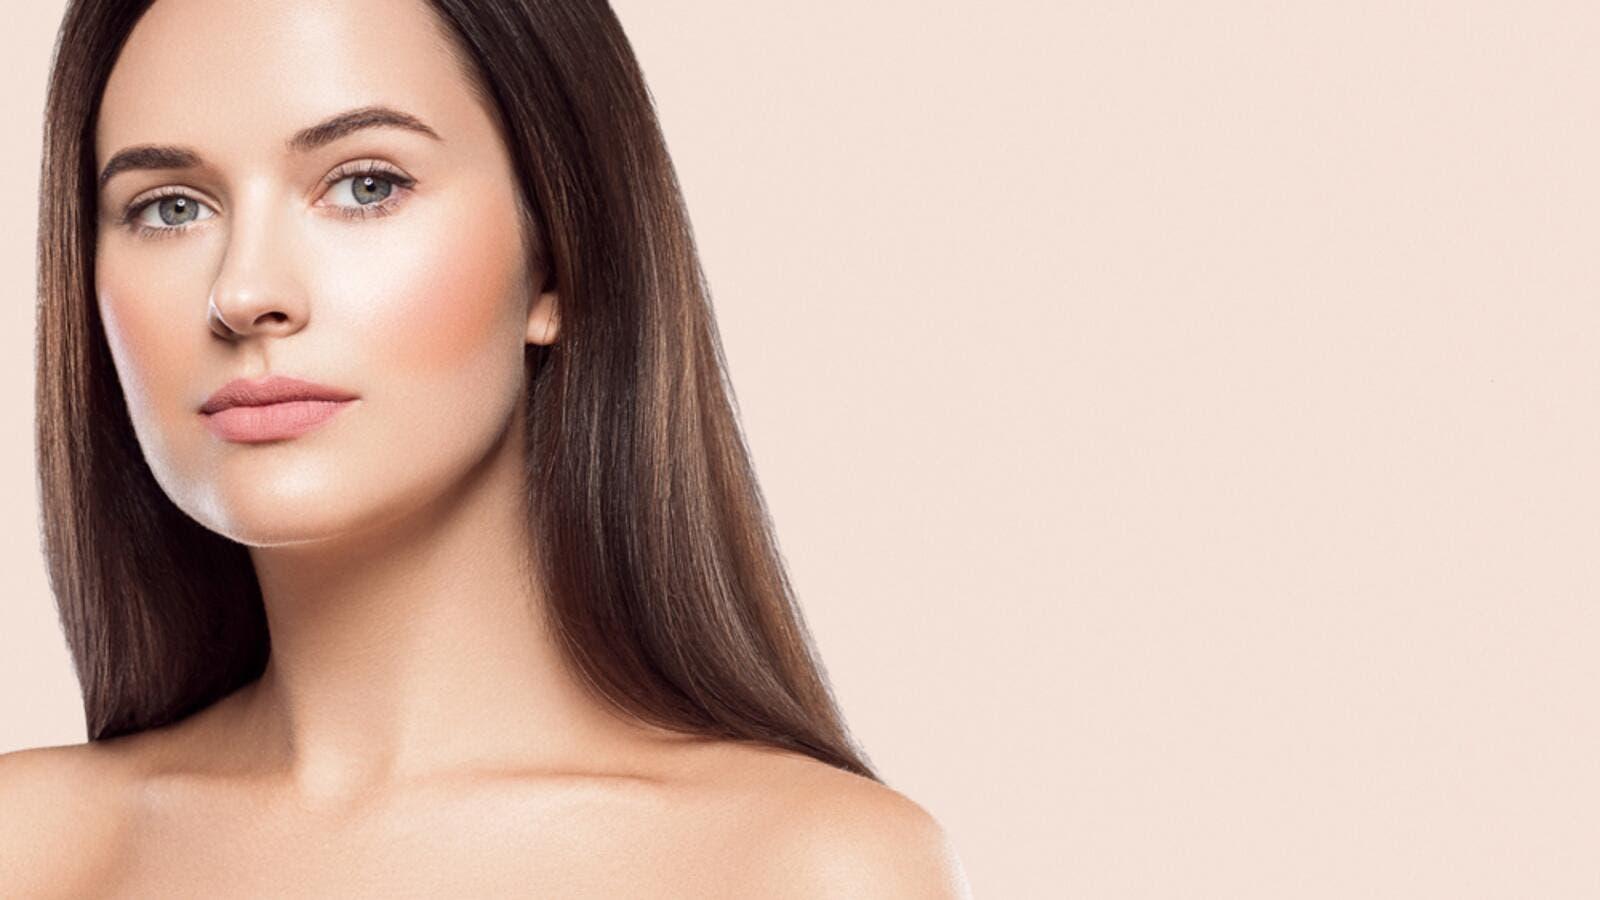 نصائح روتينية للحصول على بشرة جميلة وناعمة بدون مكياج